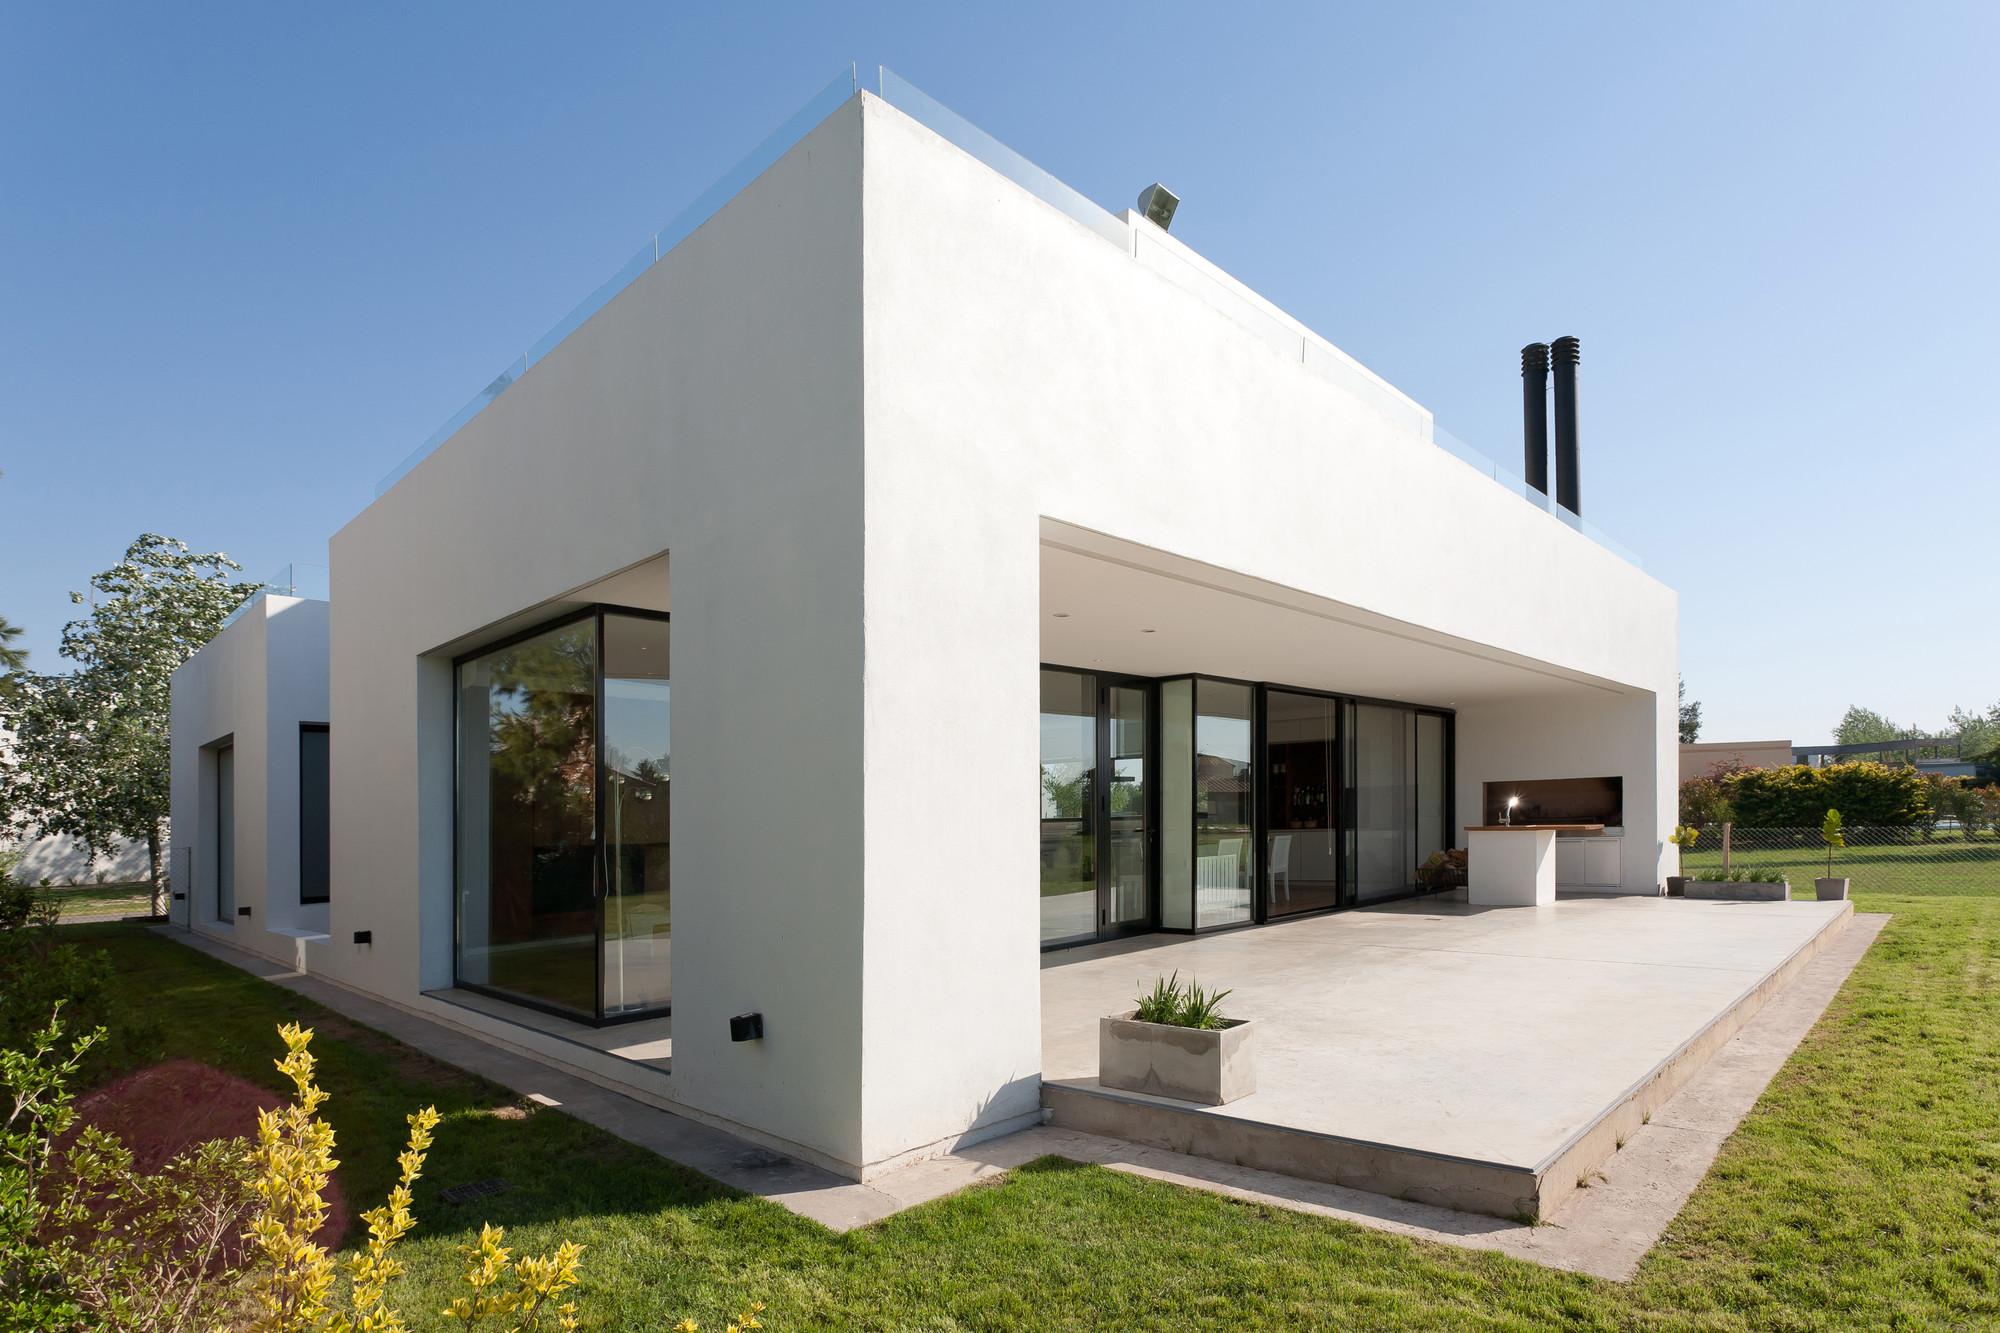 Mc house vismaracorsi arquitectos archdaily for Colores para frentes de casas